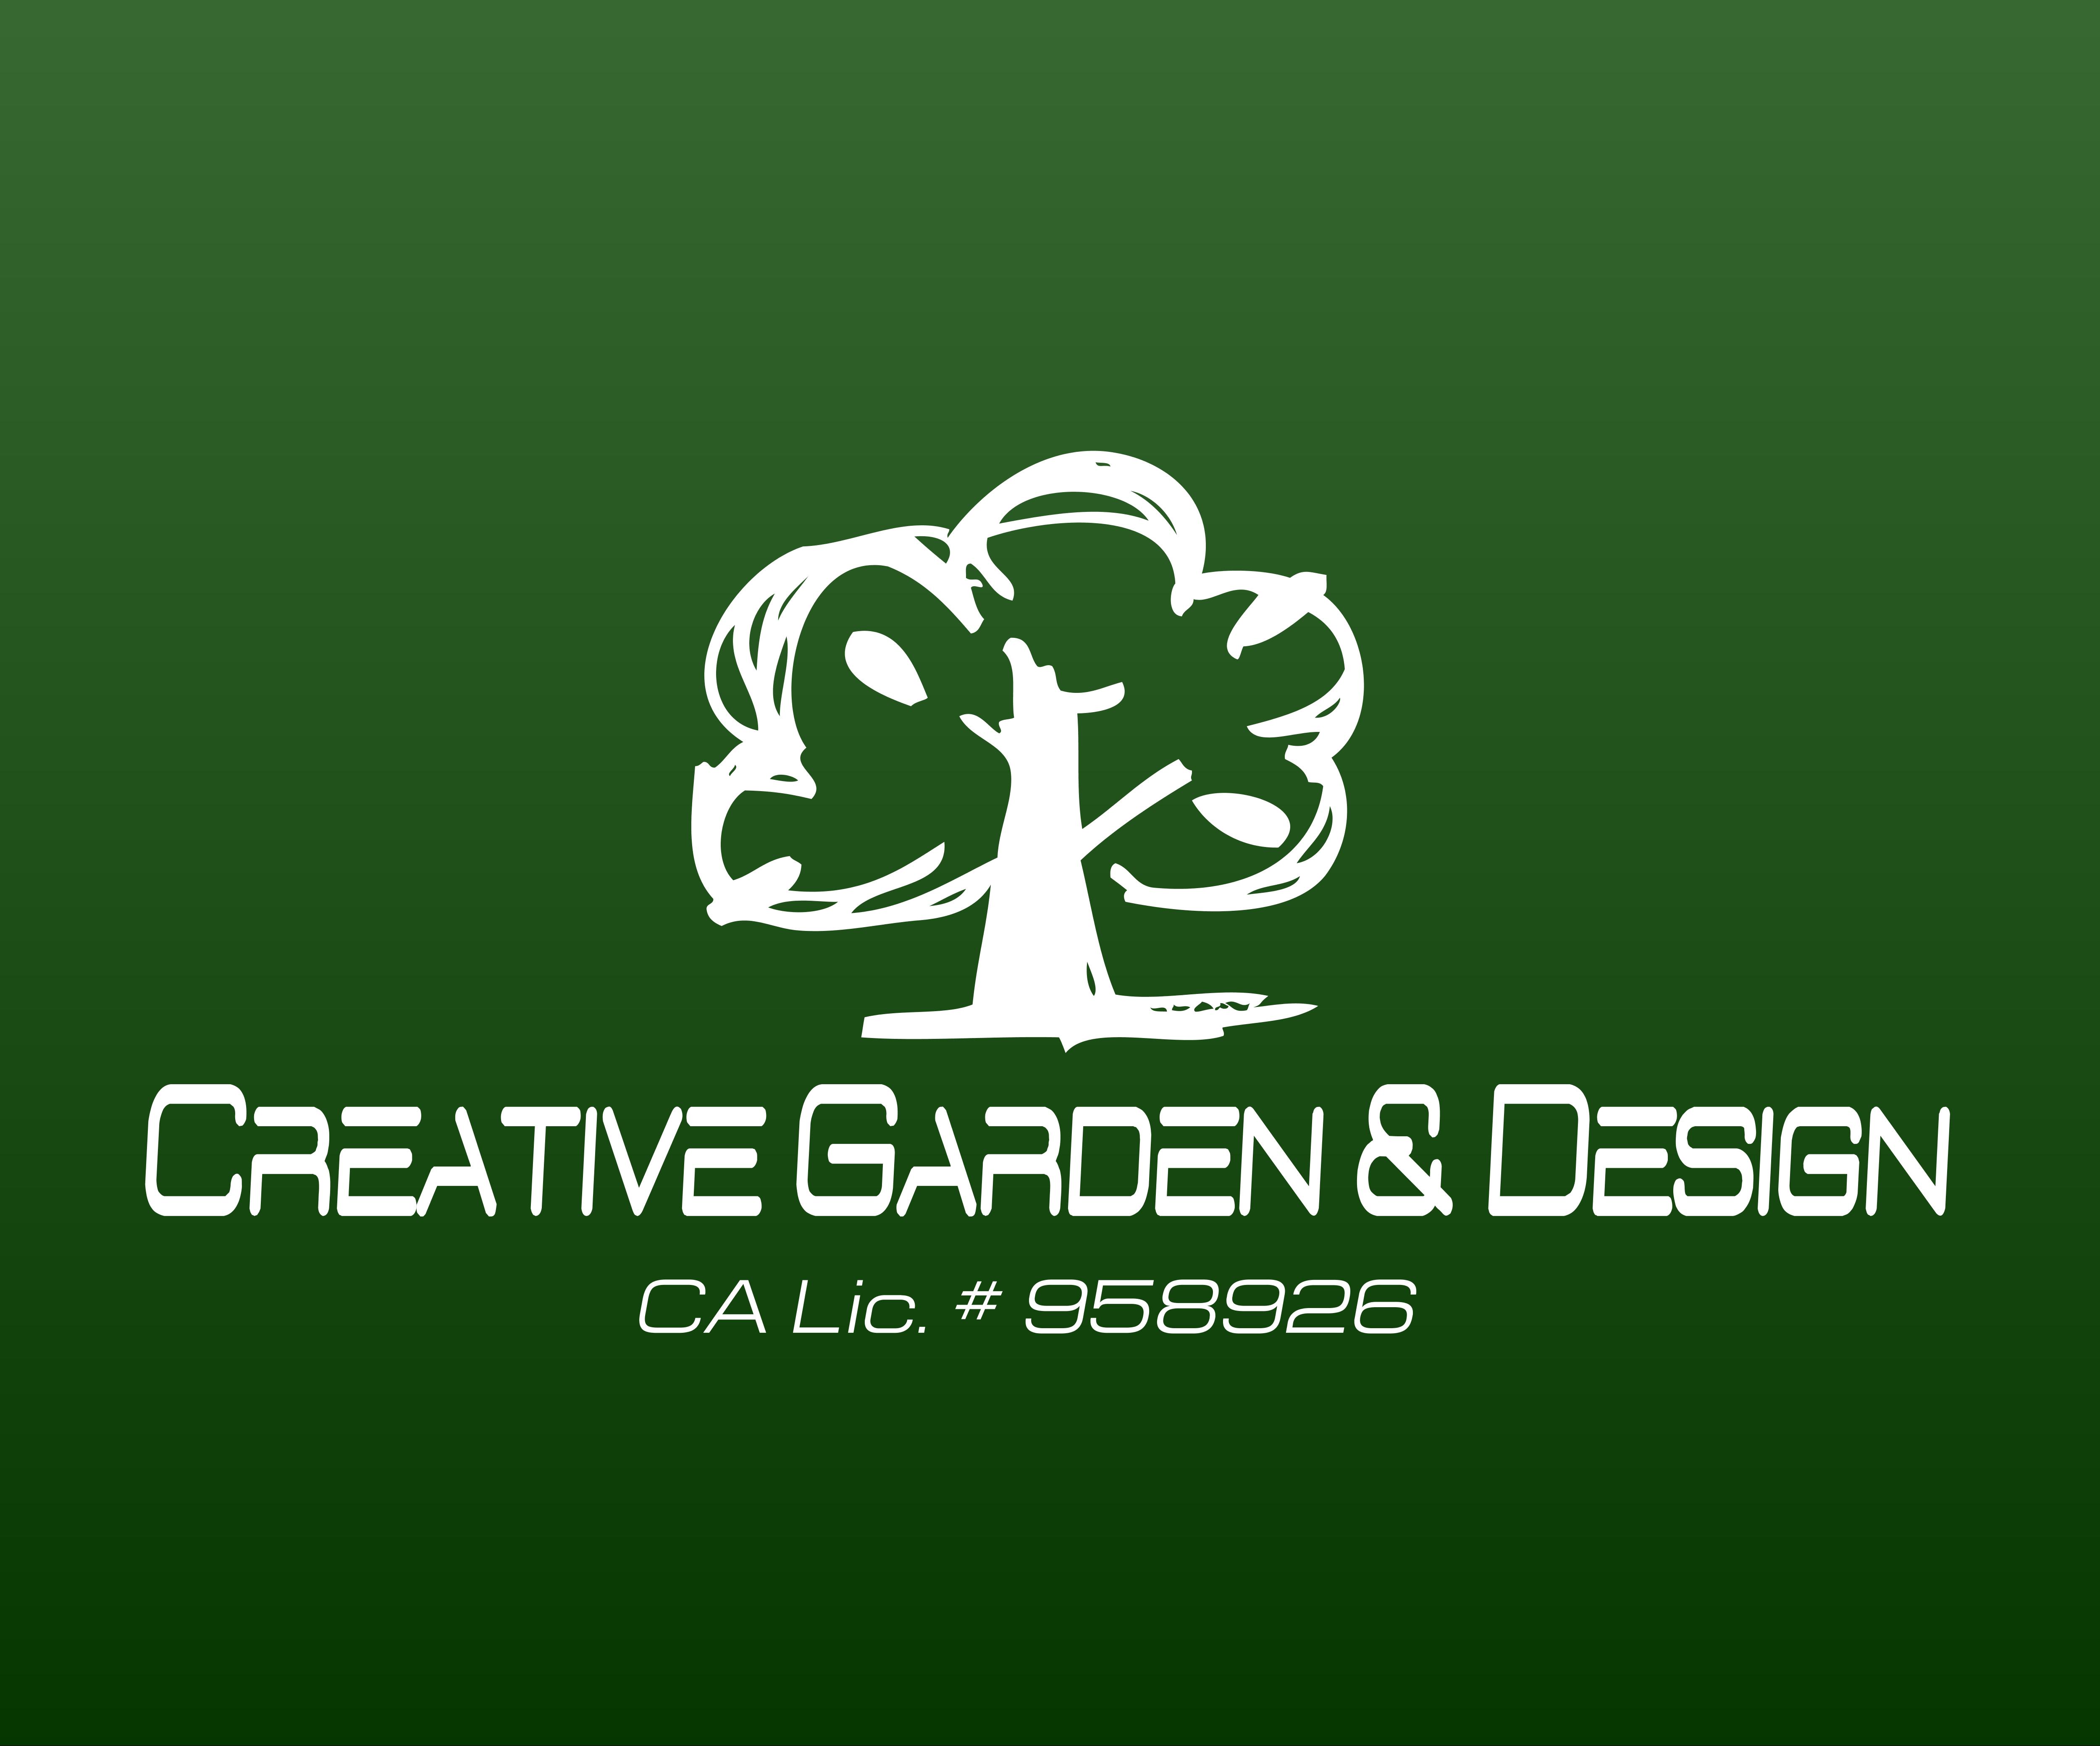 Creative Garden & Design